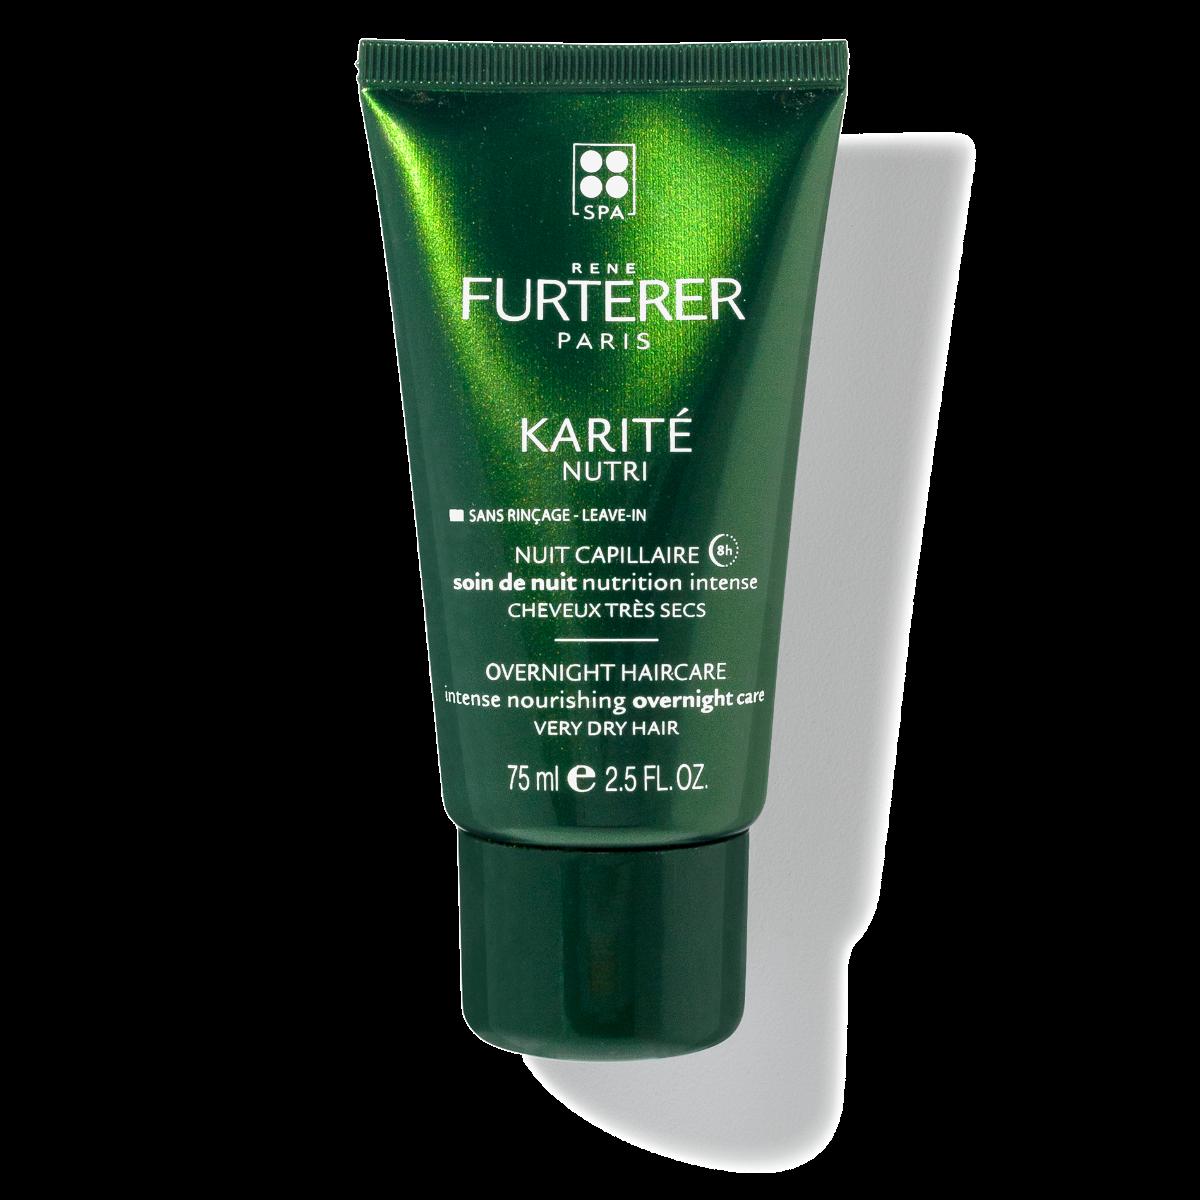 Rene Furterer Karite Nutri Intense Nourishing Overnight Care